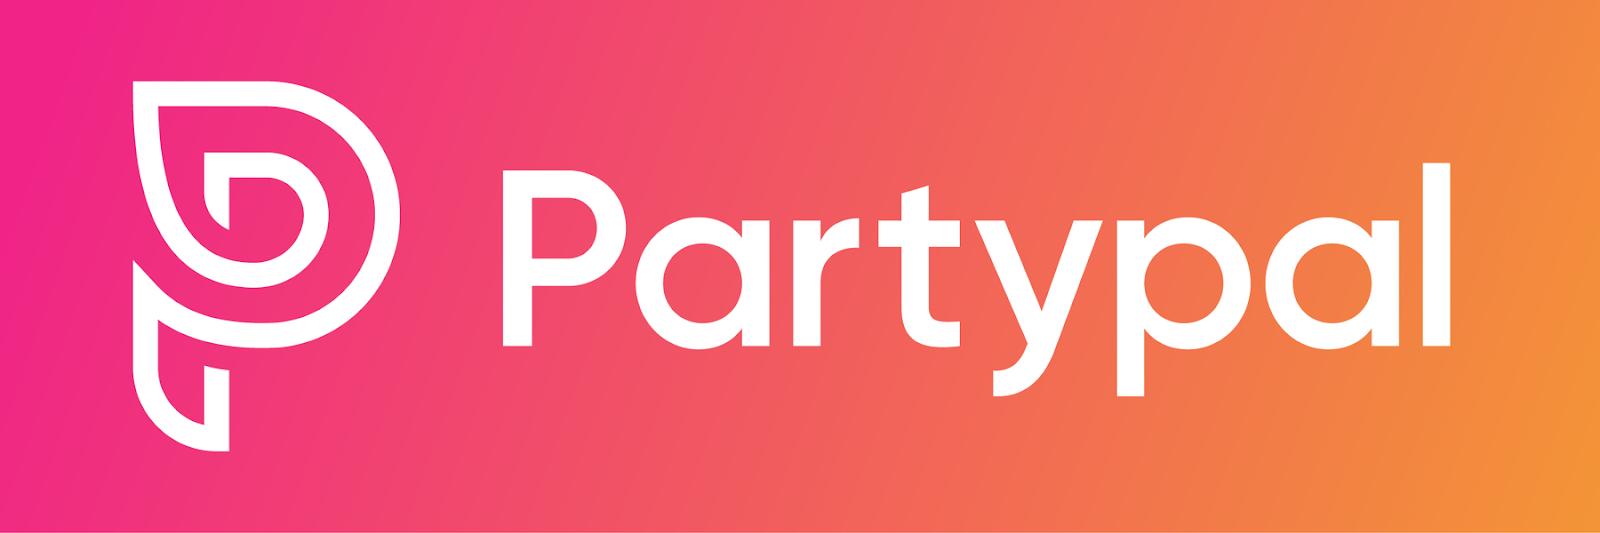 Organiseer een onvergetelijk feest met PartyPal.be